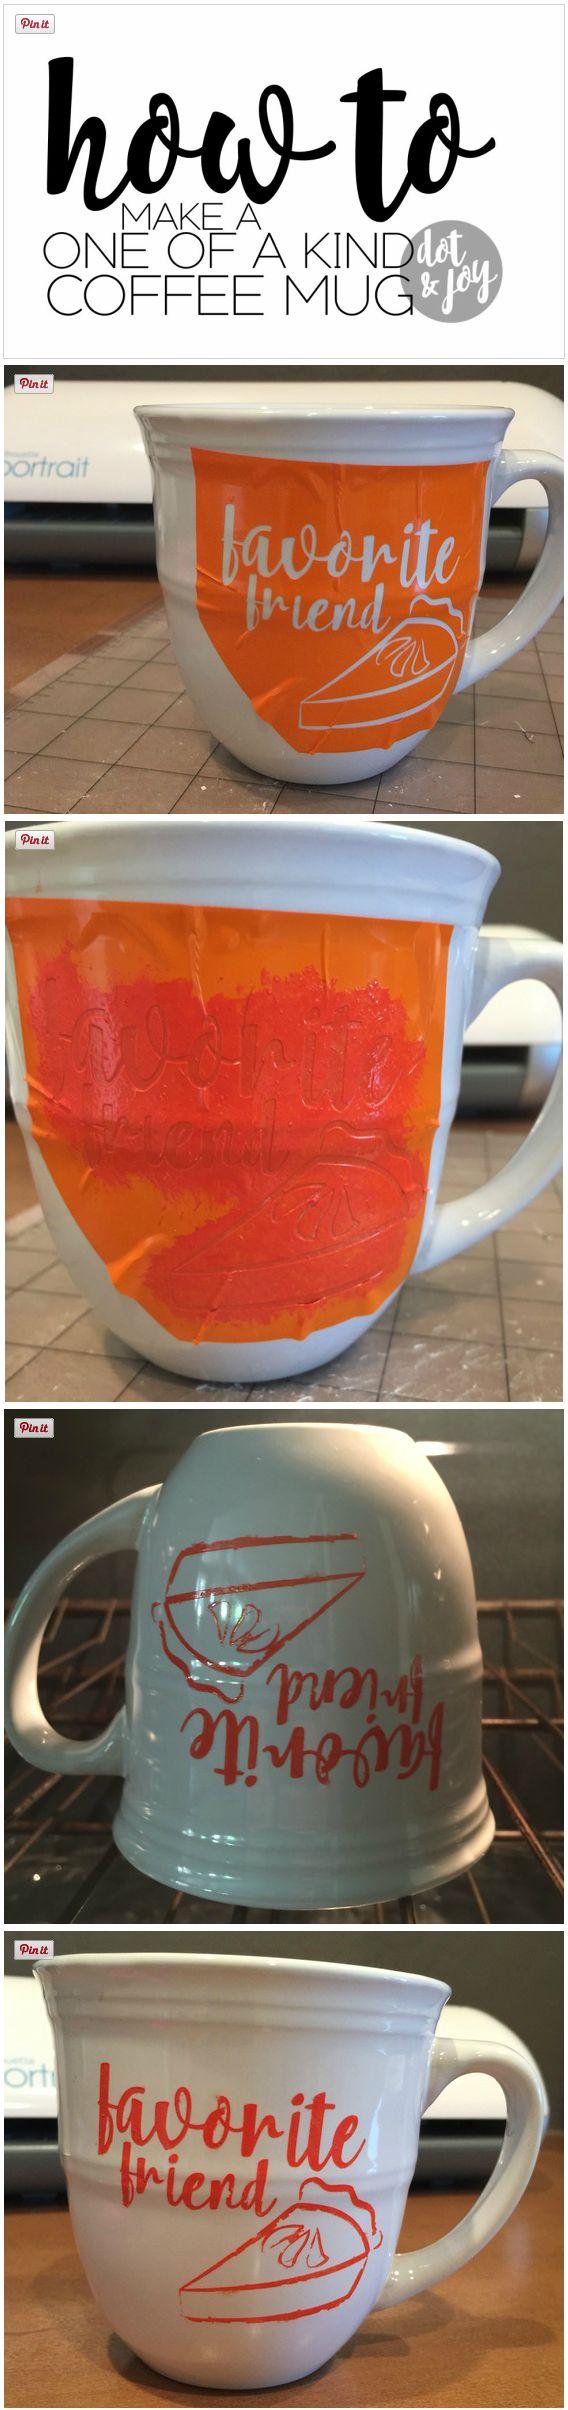 How to make a one of a kind coffee mug!